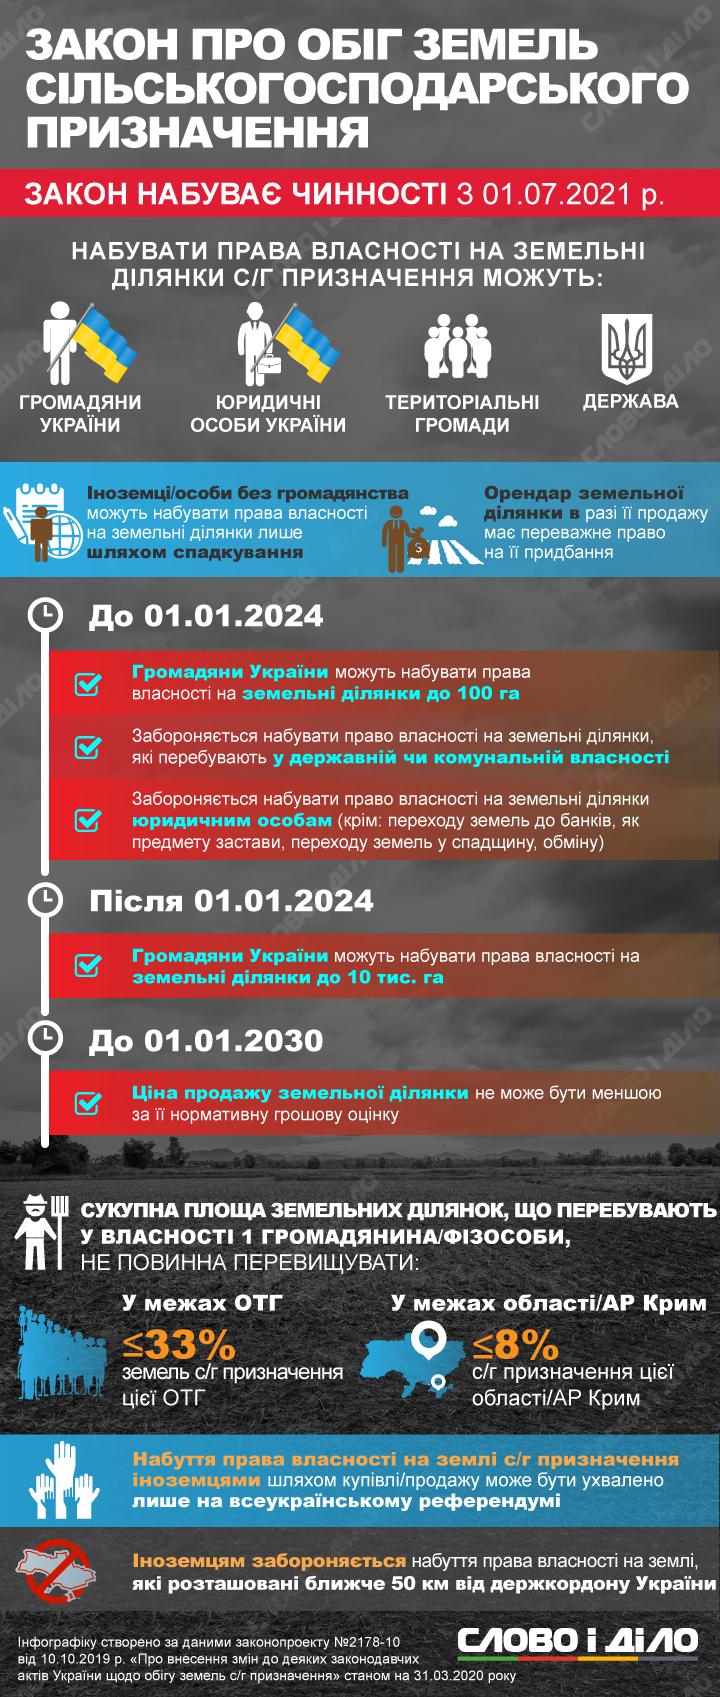 Закон про оборот сельскохозяйственных земель